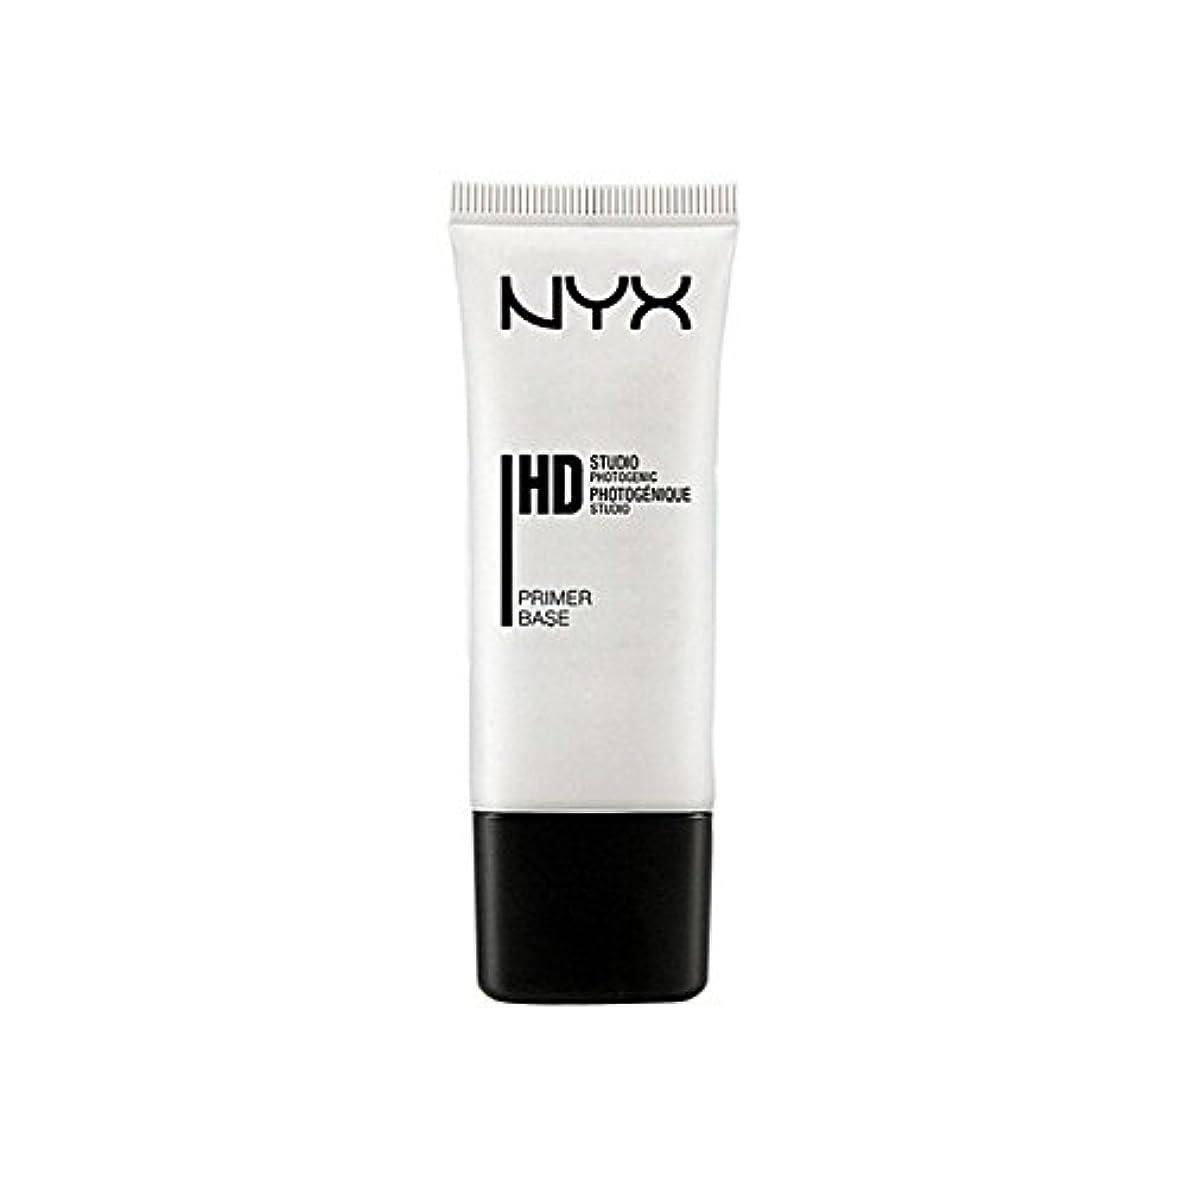 放棄ディスク本会議Nyx Cosmetics High-Definition Primer - 化粧品、高精細プライマー [並行輸入品]